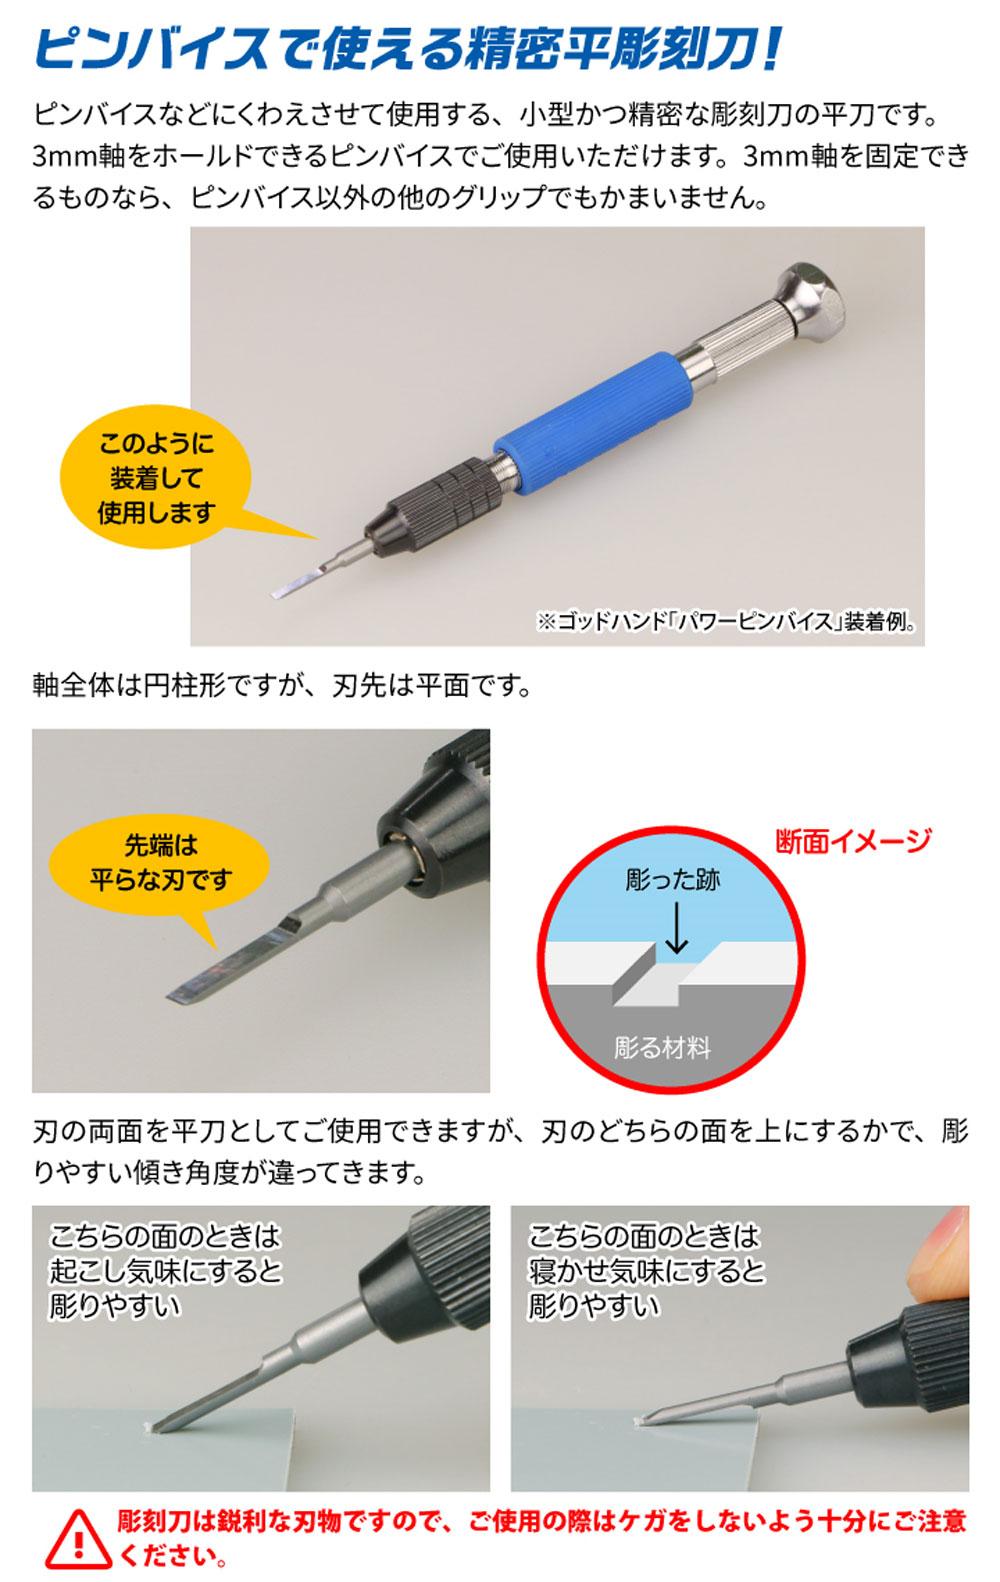 ビットブレード 平刀 5本セットマイクロブレード(ゴッドハンド模型工具No.GH-BBH-1-3)商品画像_1